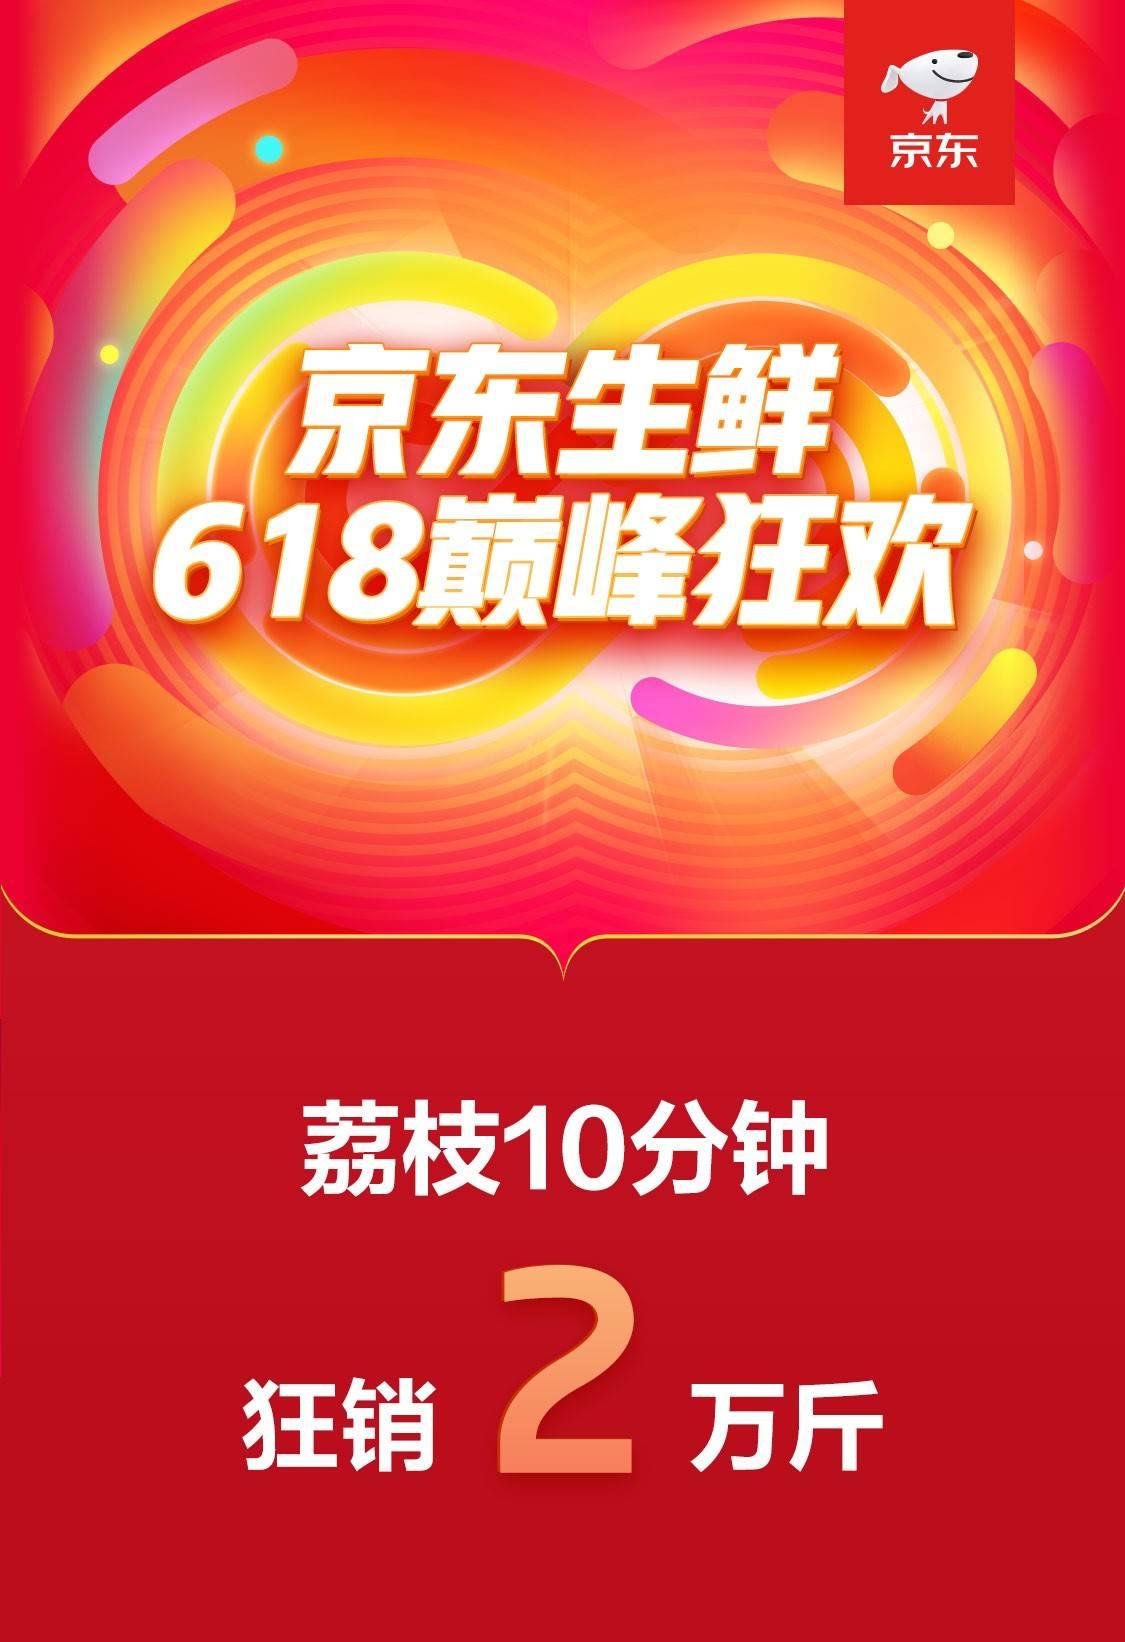 """开场10分荔枝卖出20000斤!京东生鲜618成吃货""""果盘子""""采买主场"""